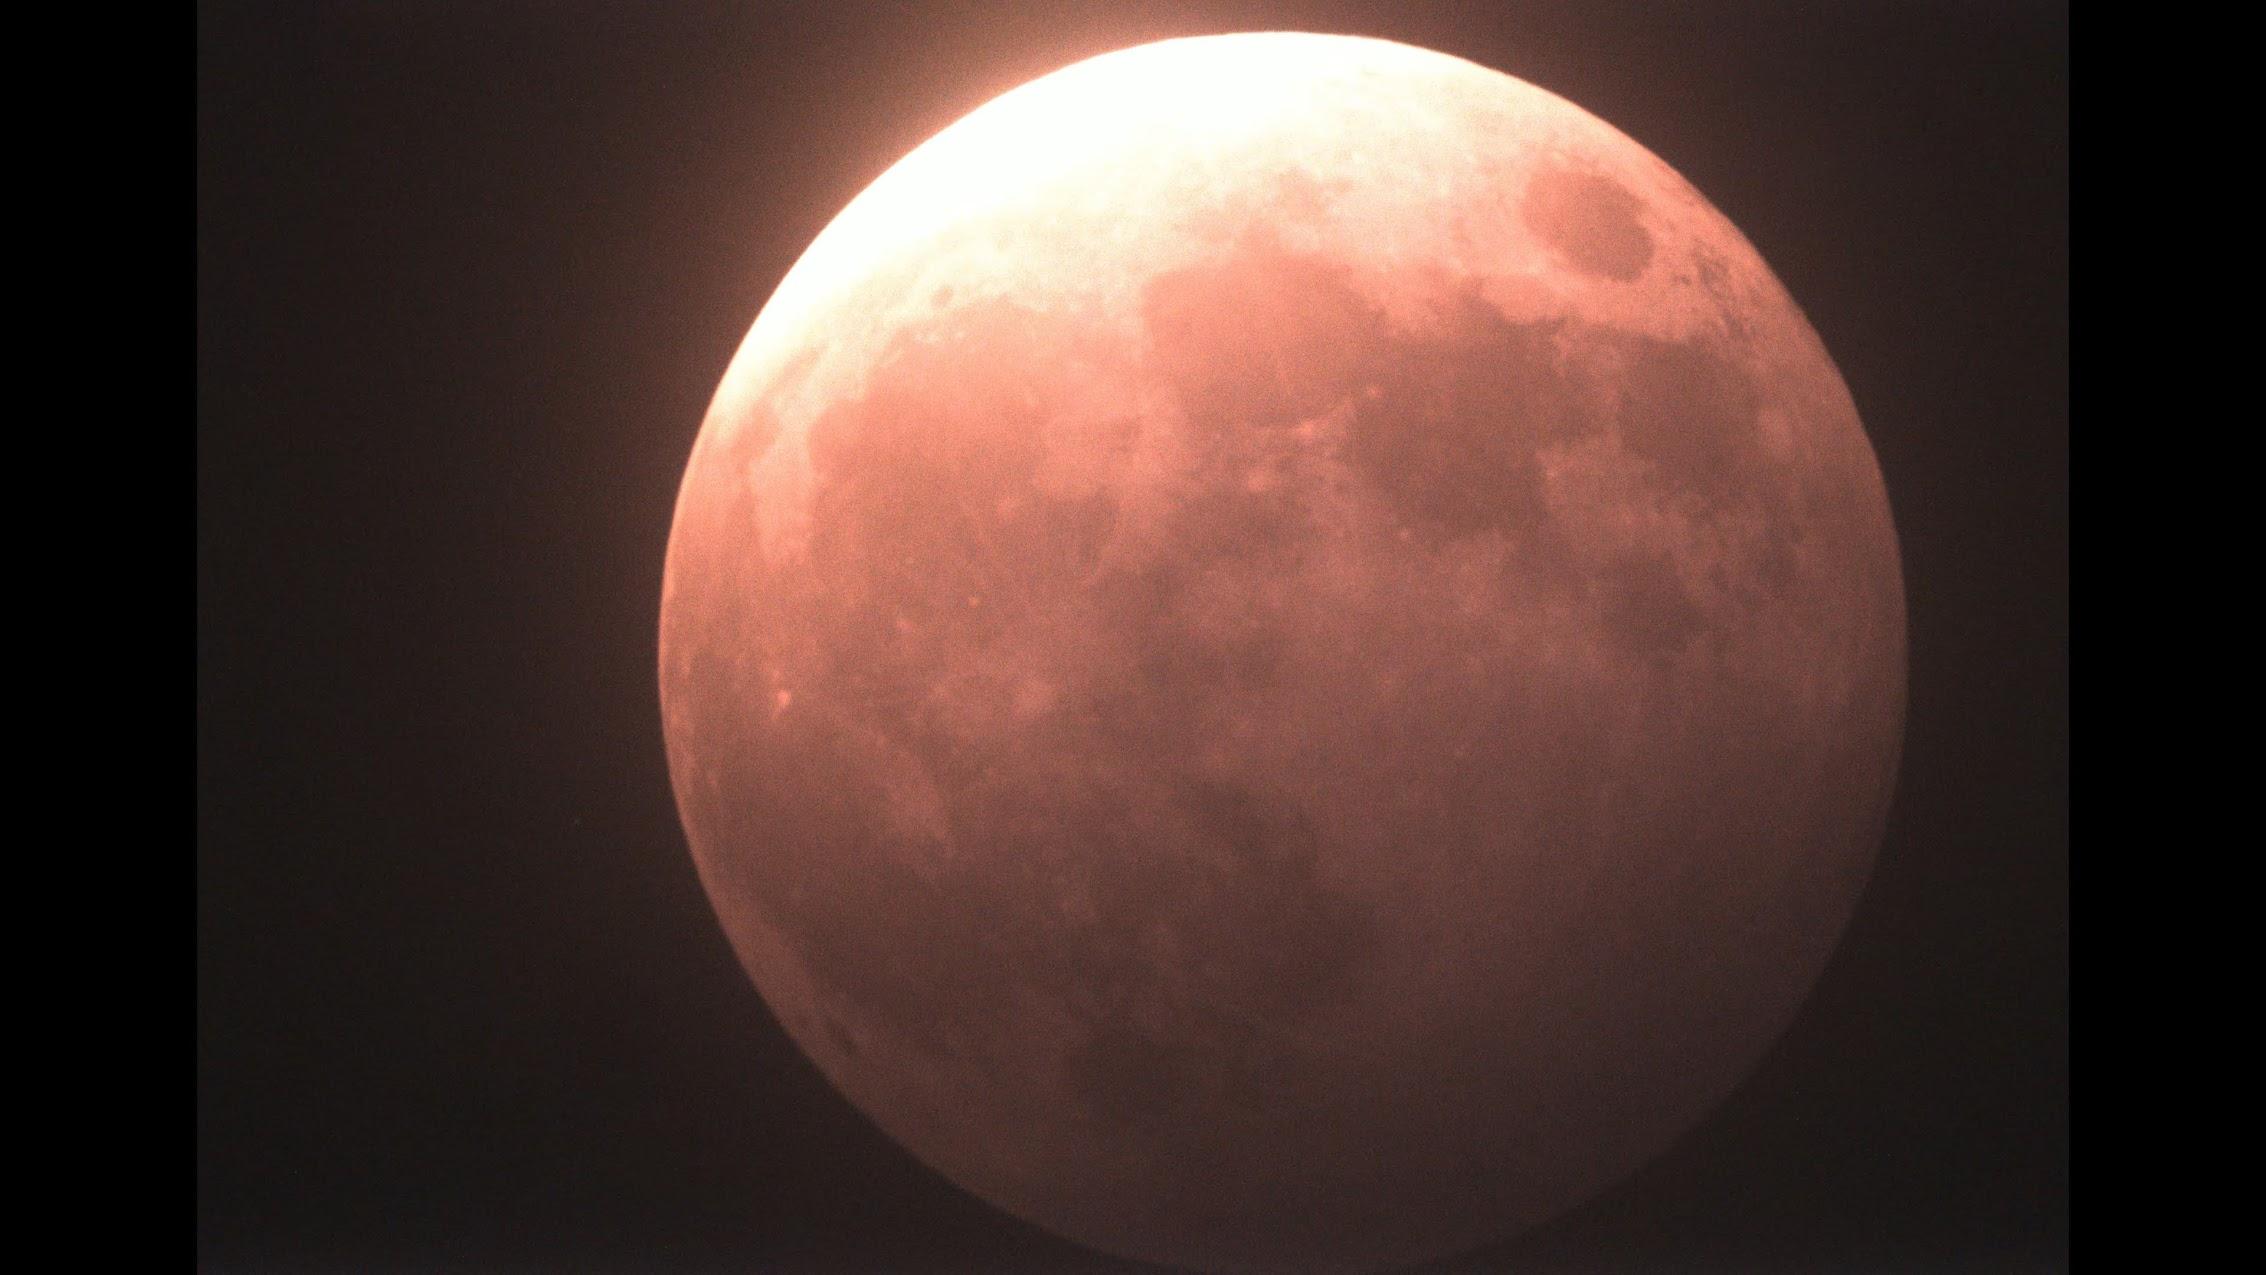 埼玉県から見えたスーパームーン皆既月食5月26日